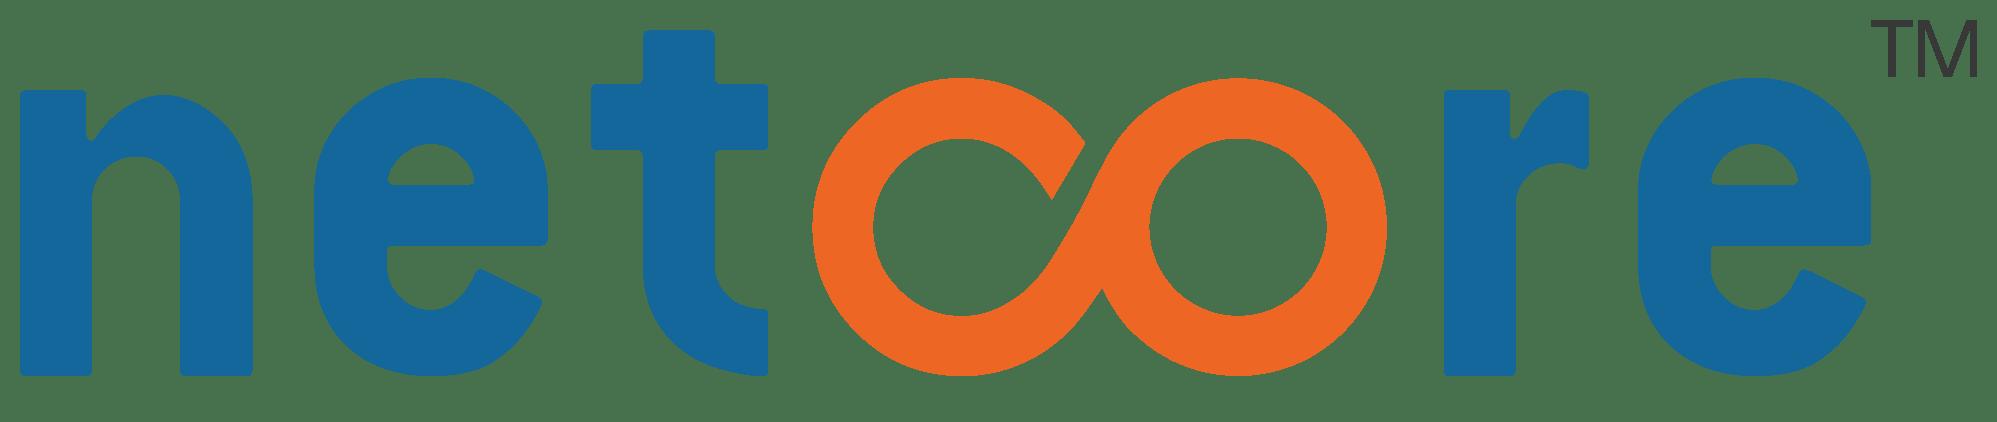 Netcore Company Profile Owler